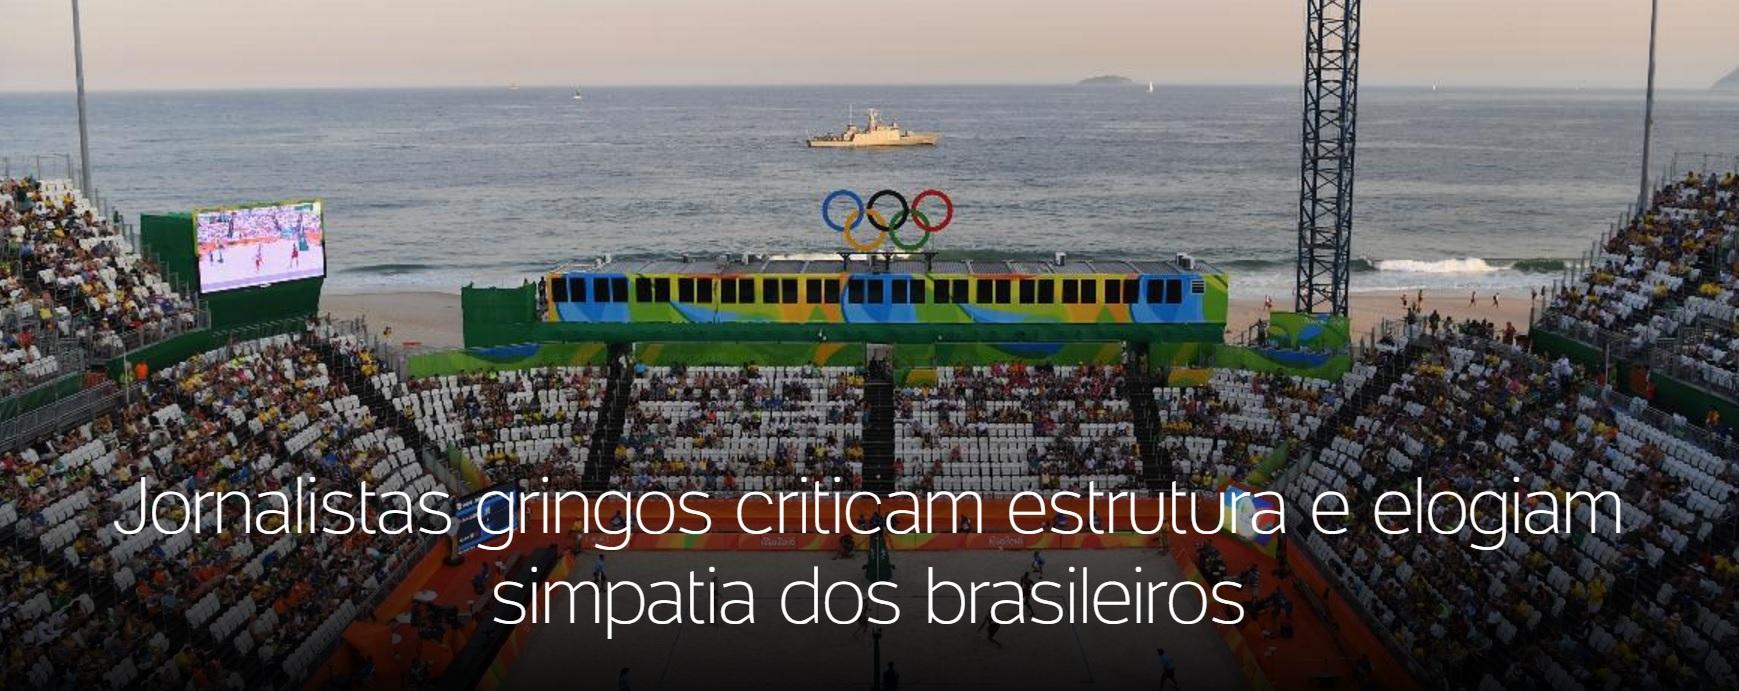 Jornalistas estrangeiros reclamam de problemas de organização na Olimpíada